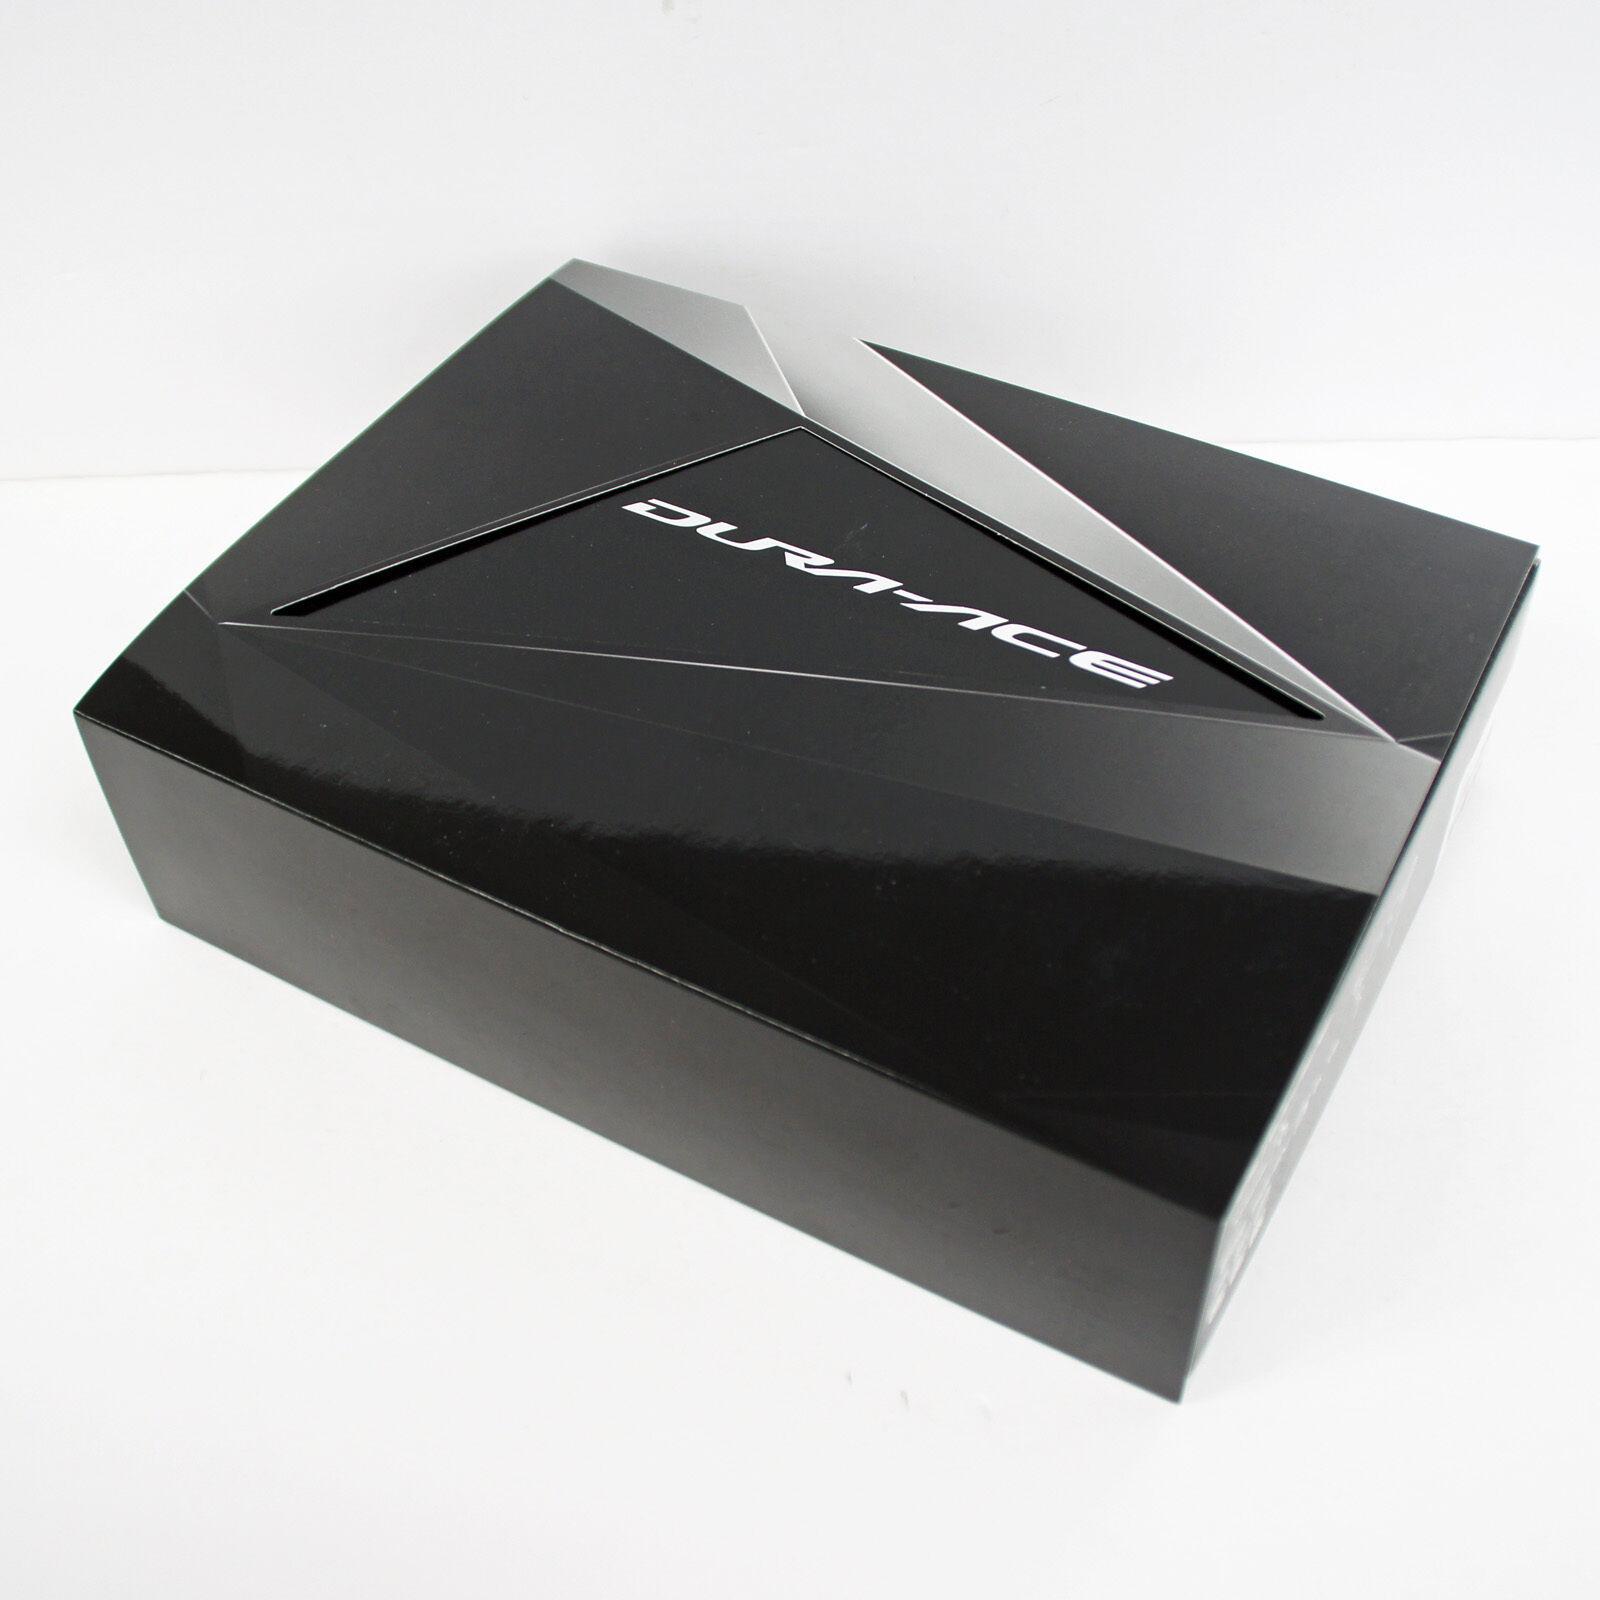 Shimano Dura-Ace ST-R9100 2x11 Due Controllo Leva Sinistra e Destra (Paio)